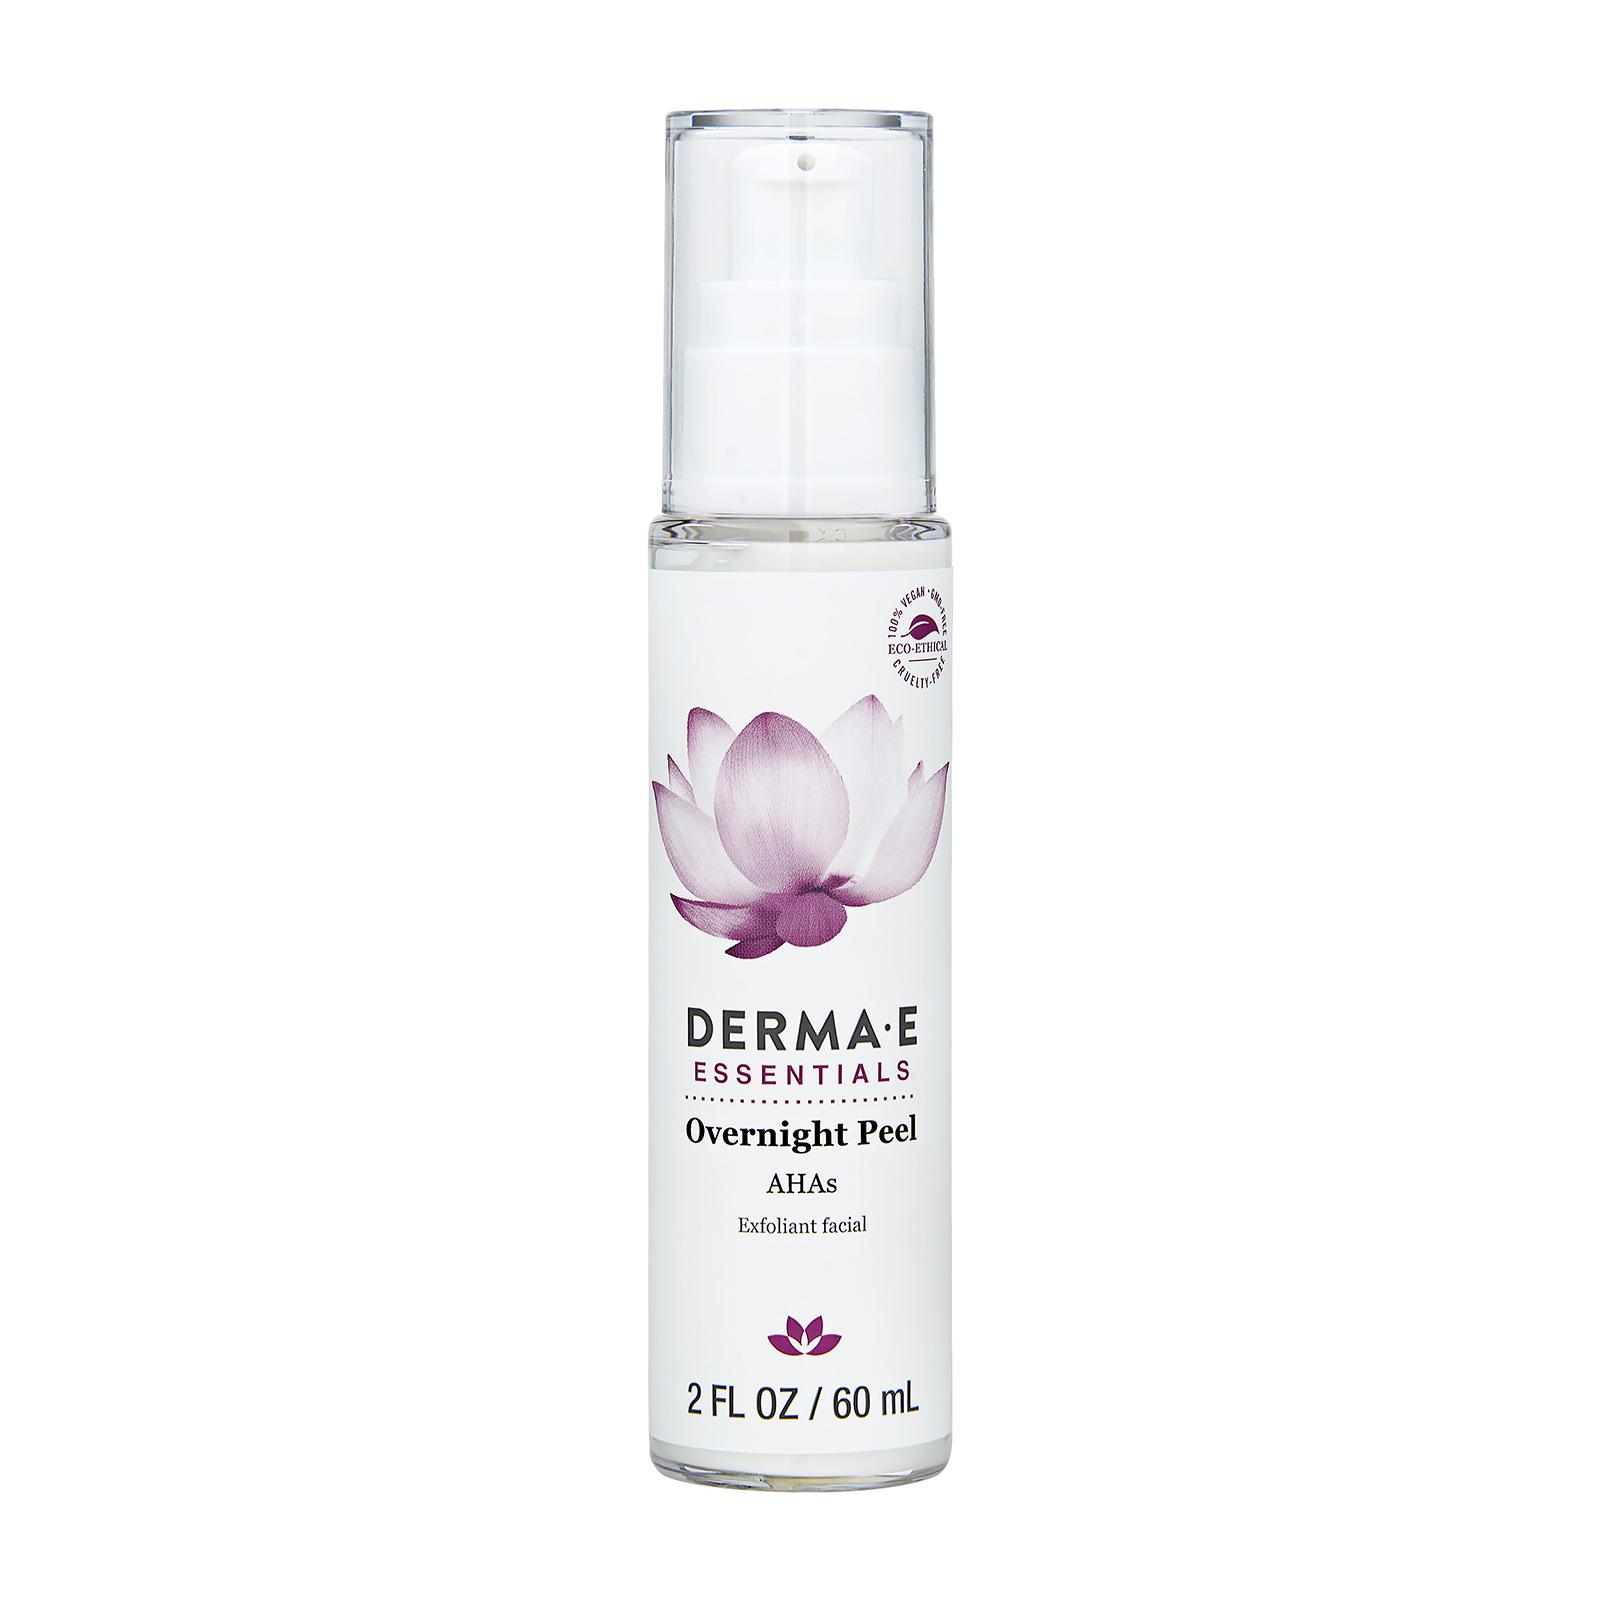 Derma e Evenly Radiant Overnight Peel (For All Skin Types) 2oz, 60ml